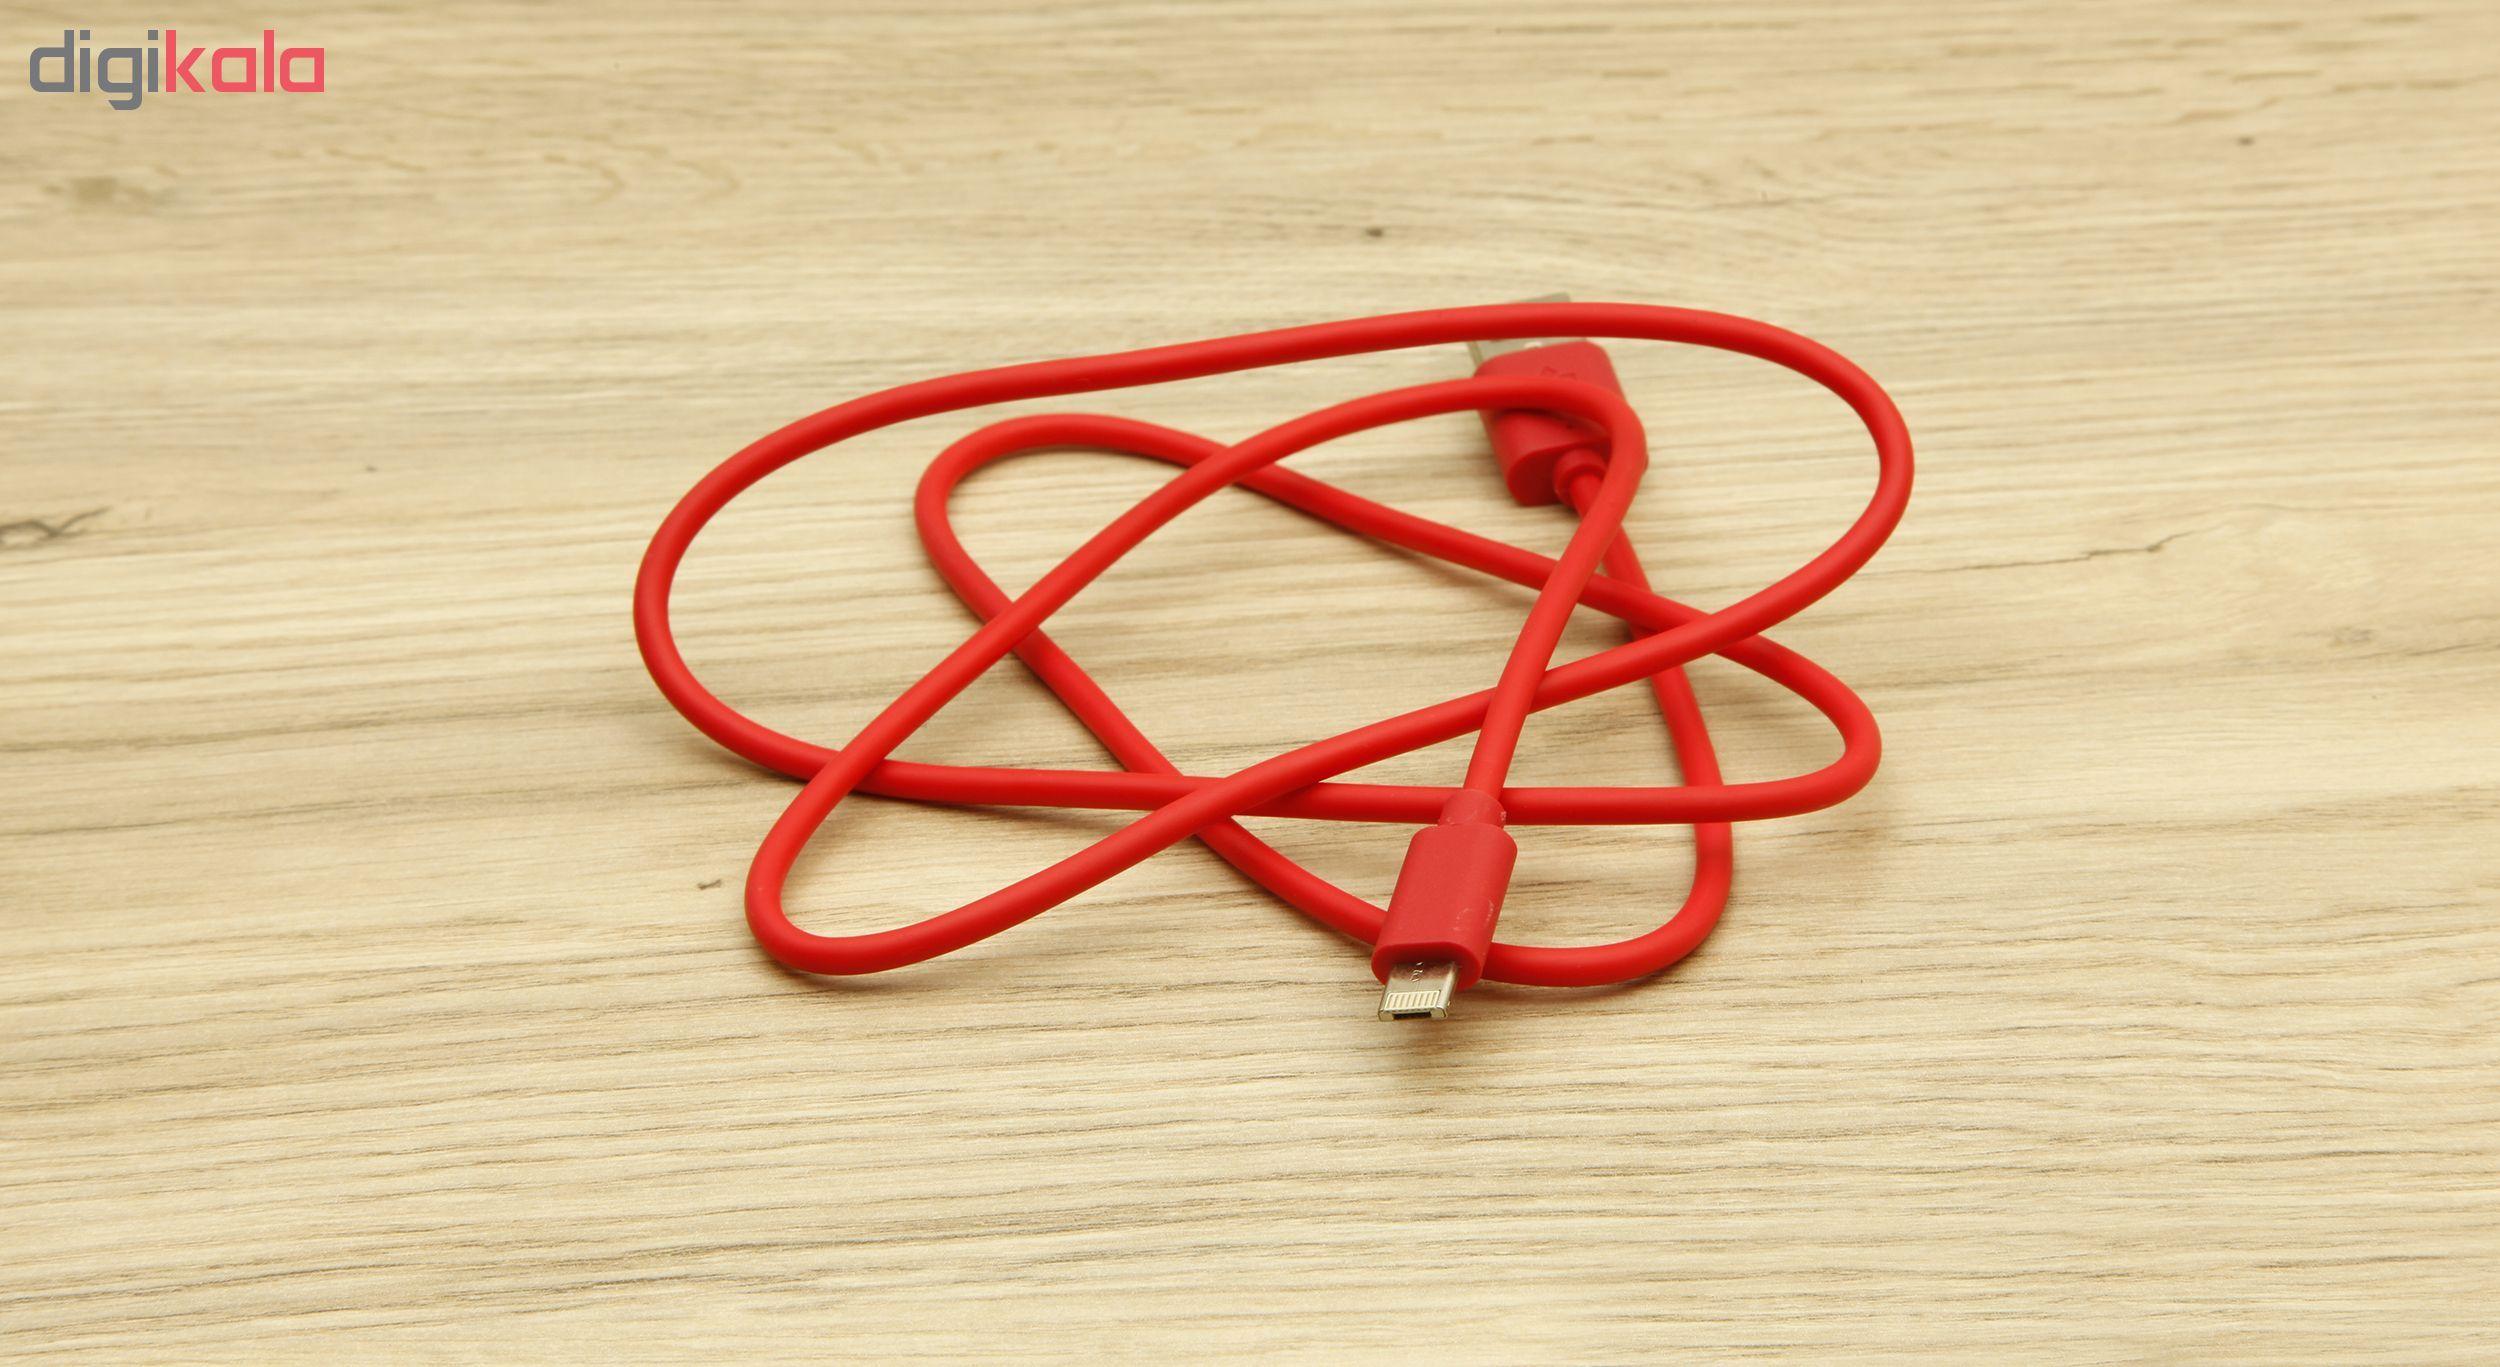 کابل تبدیل USB به لایتنینگ/microUSB ریمکس مدل PL-002i طول 1 متر main 1 3